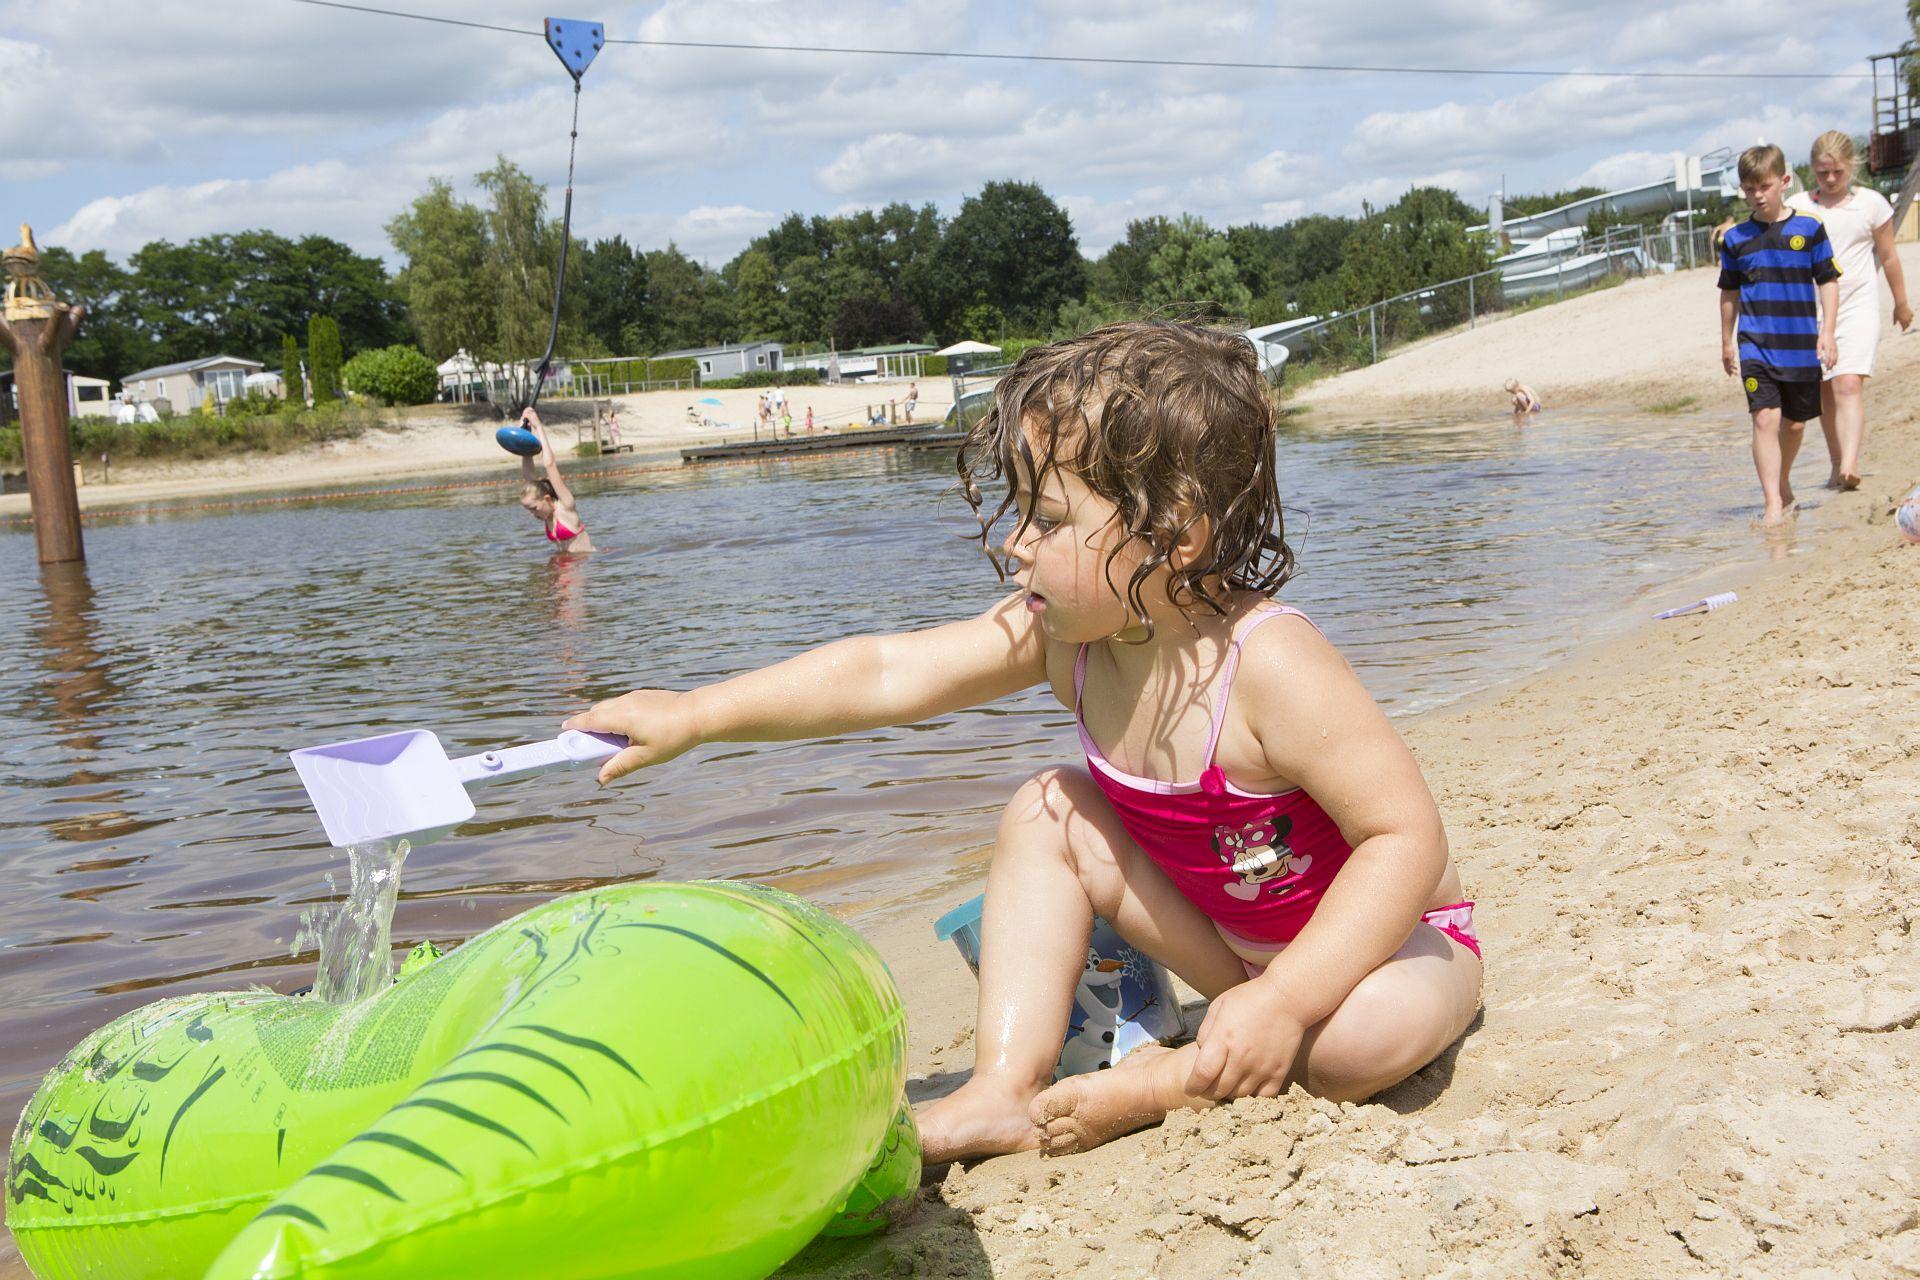 Kamperen met peuter in Hardenberg aan het strand - kamperen met peuter in Hardenberg